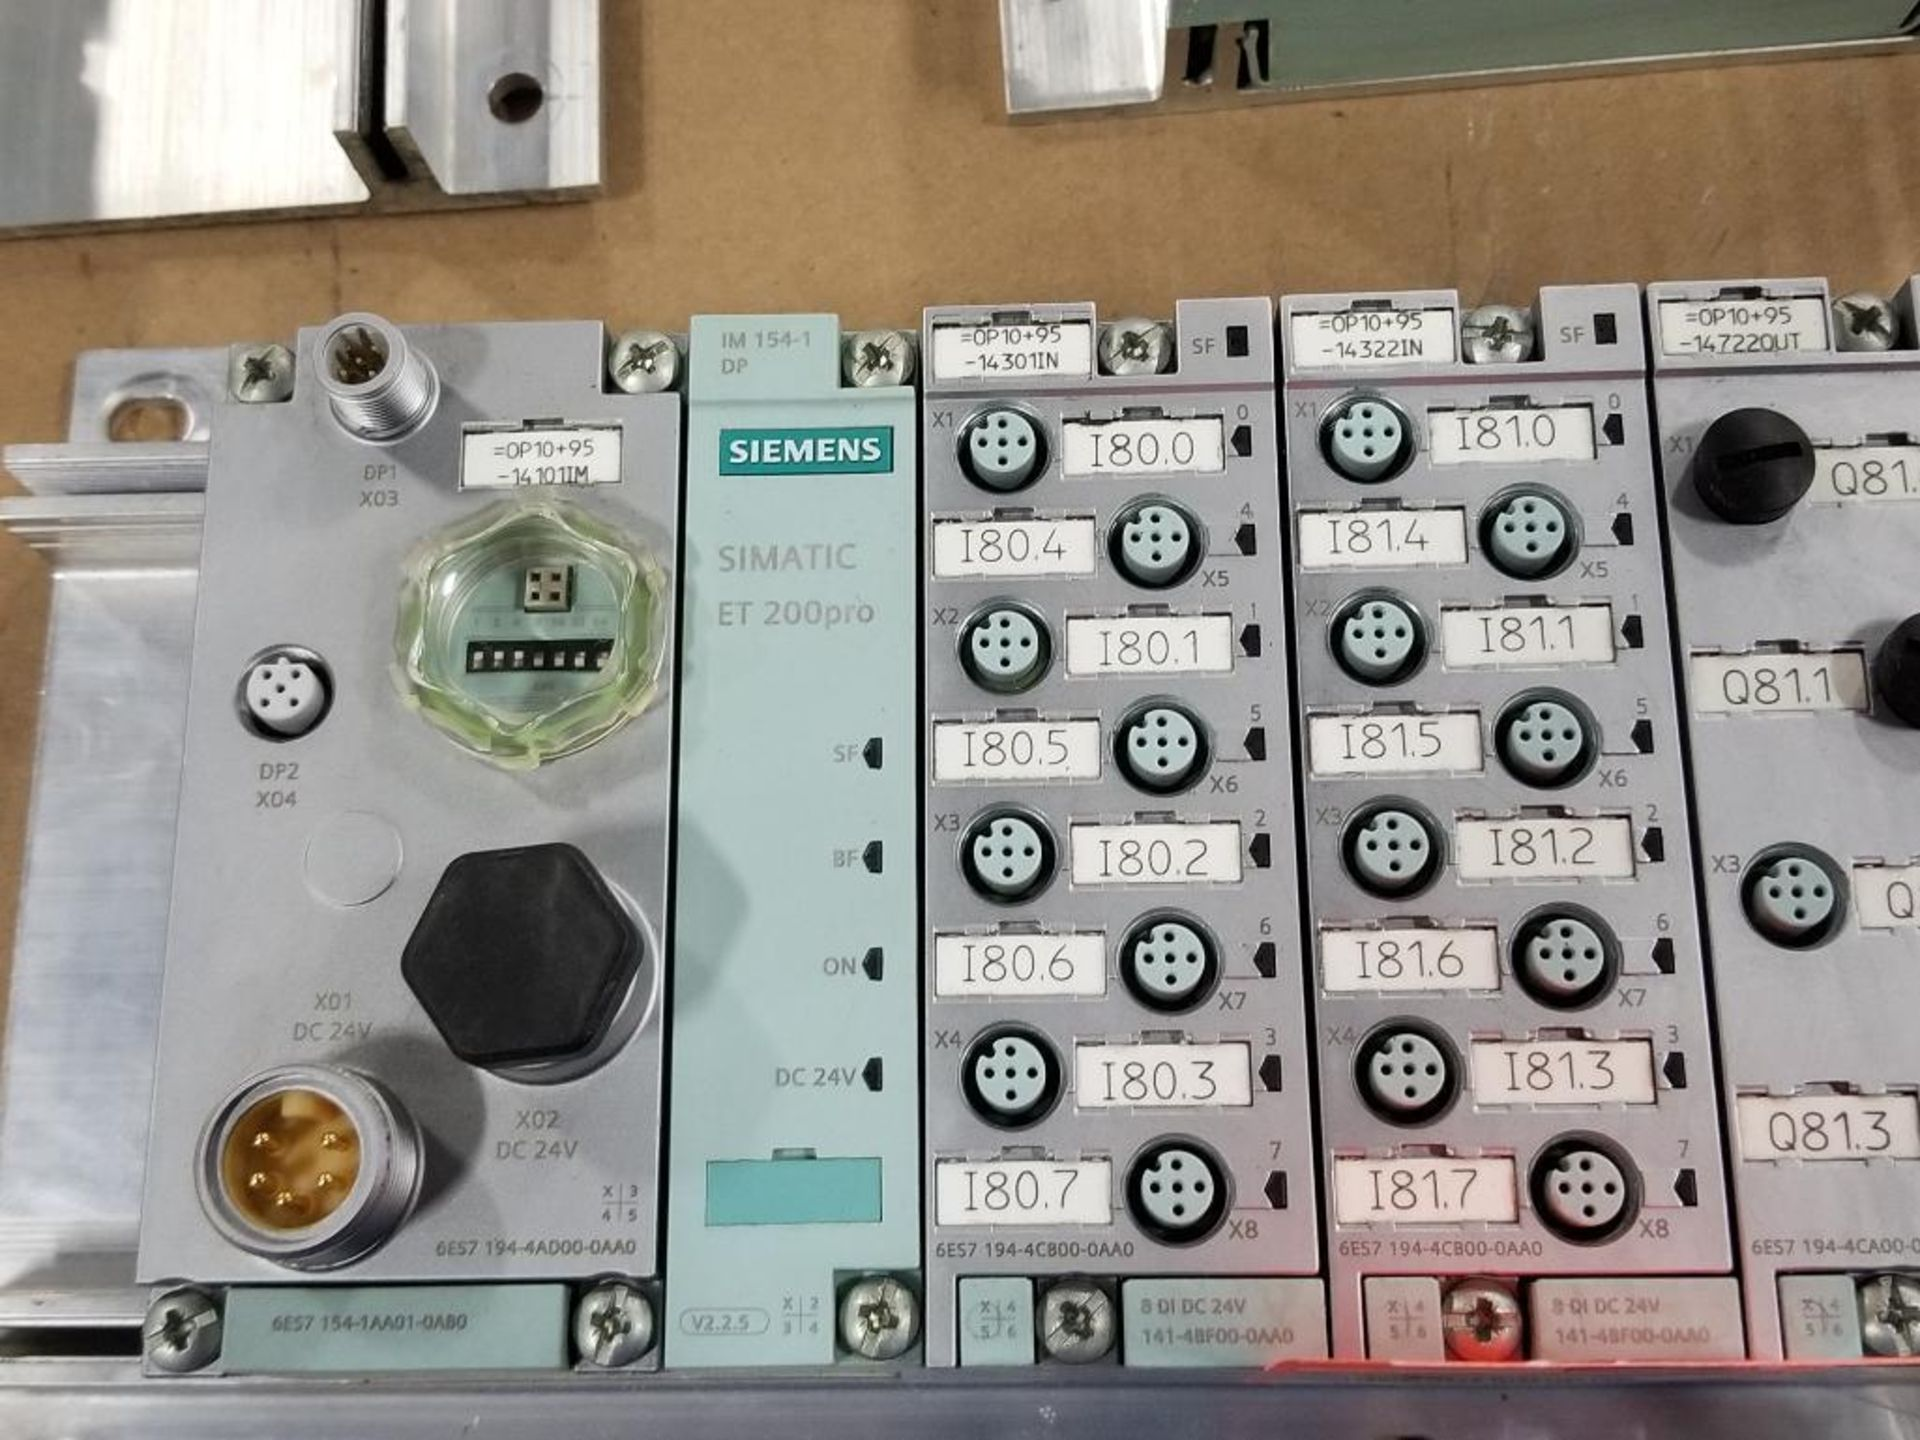 Siemens ET200-pro flow control line. 6ES7-154-1AA01-0AB0. - Image 2 of 3